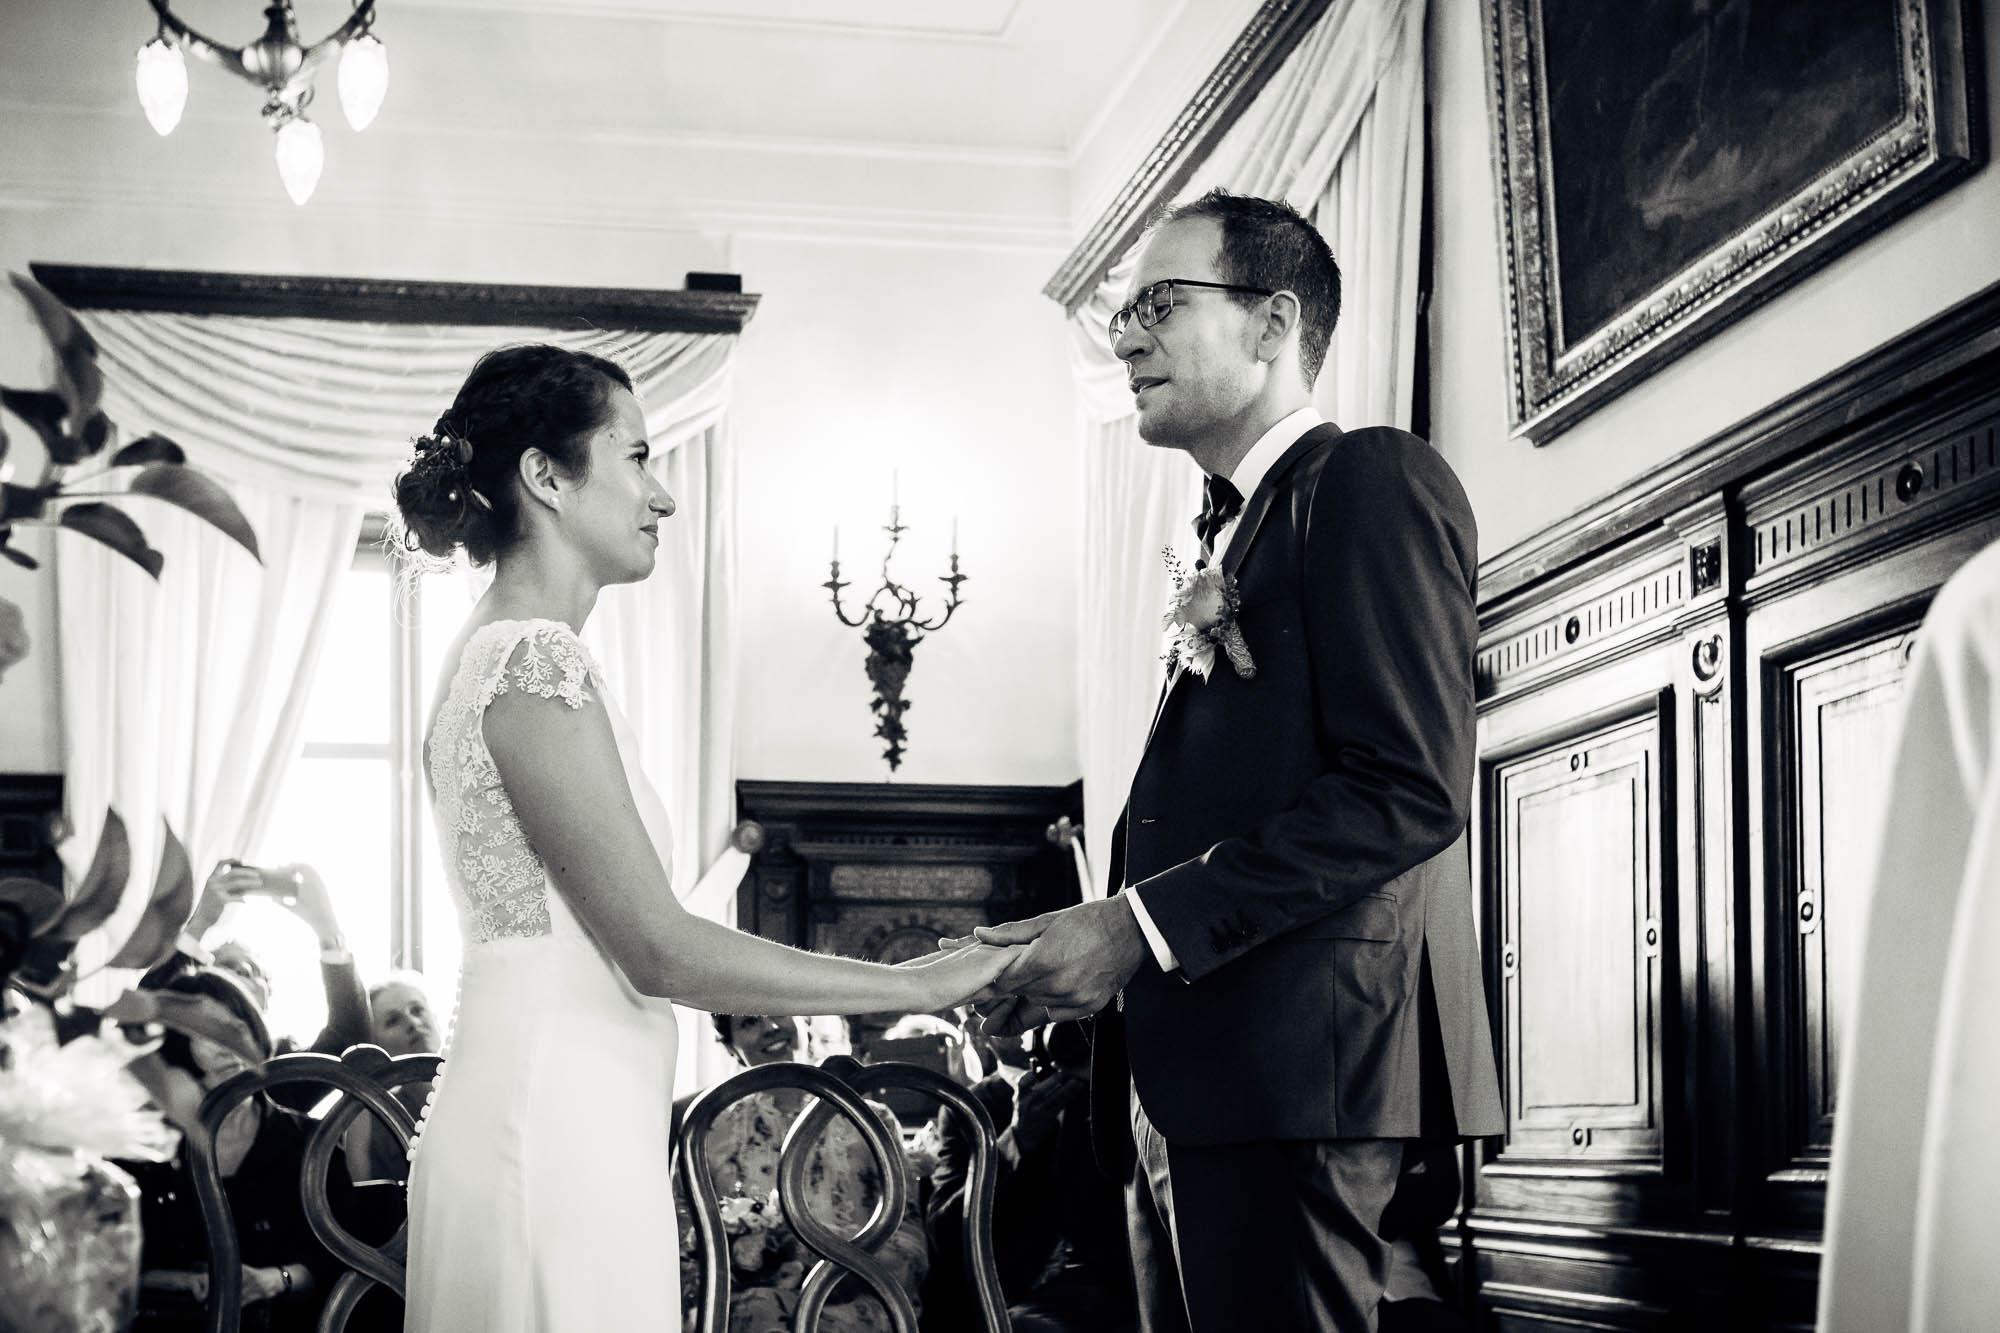 Persönliches Eheversprechen vom Brautpaar